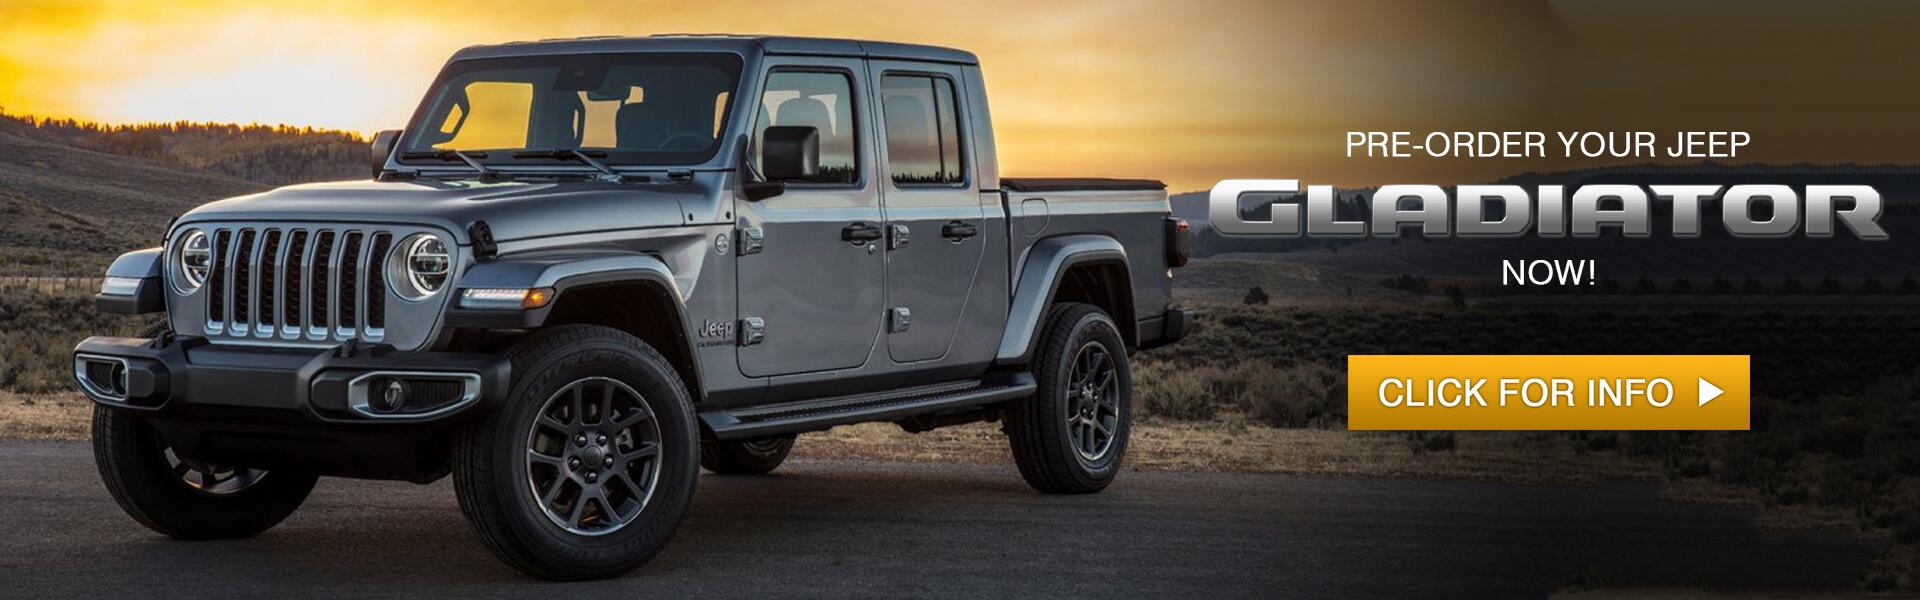 Reserve Jeep Gladiator